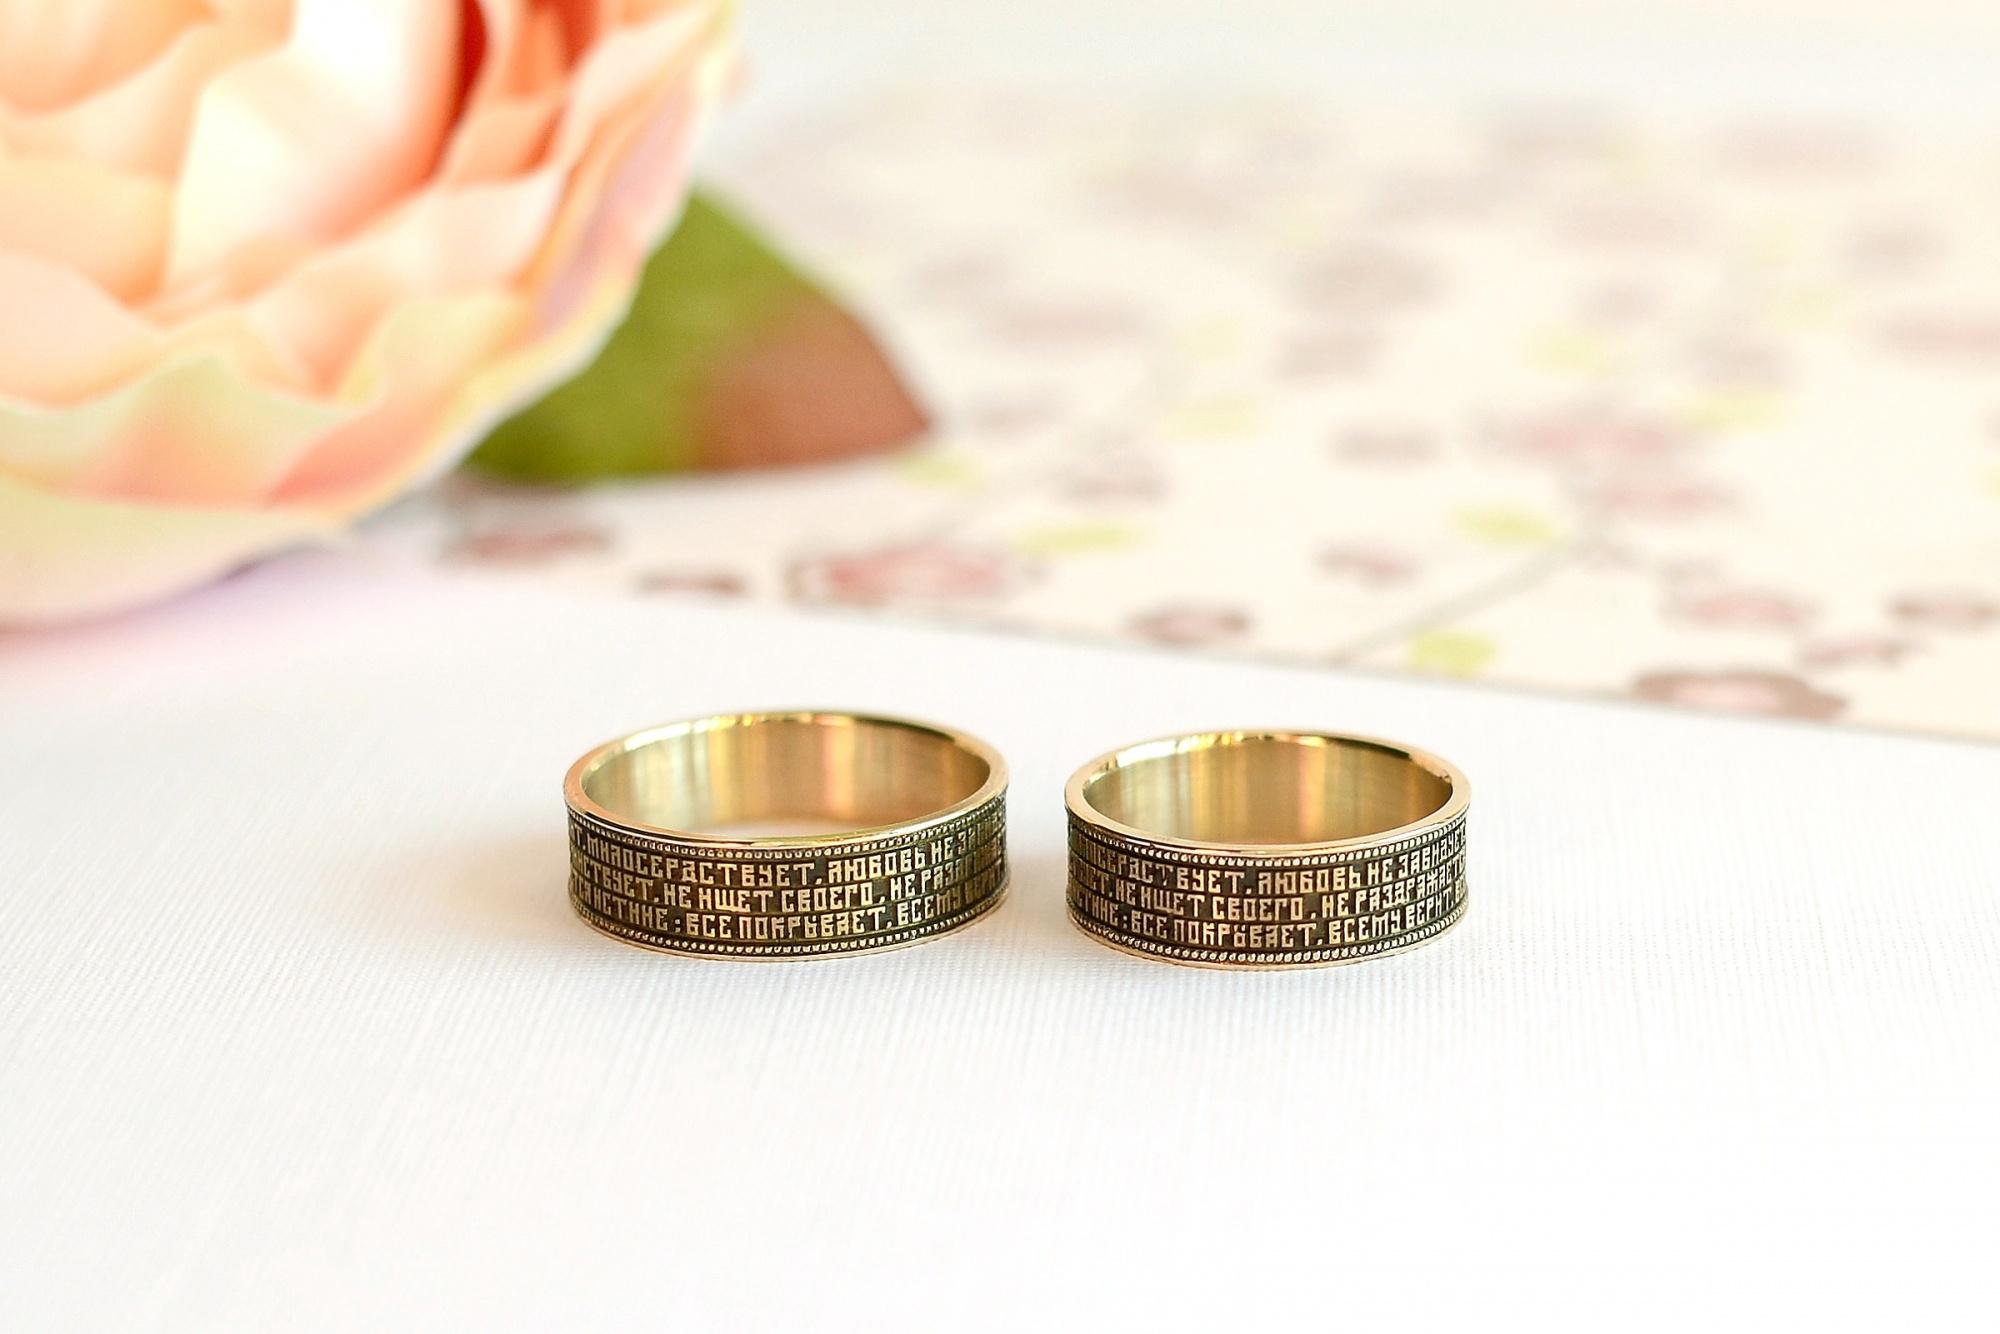 Сонник кольцо обручальное, к чему снится обручальное 94